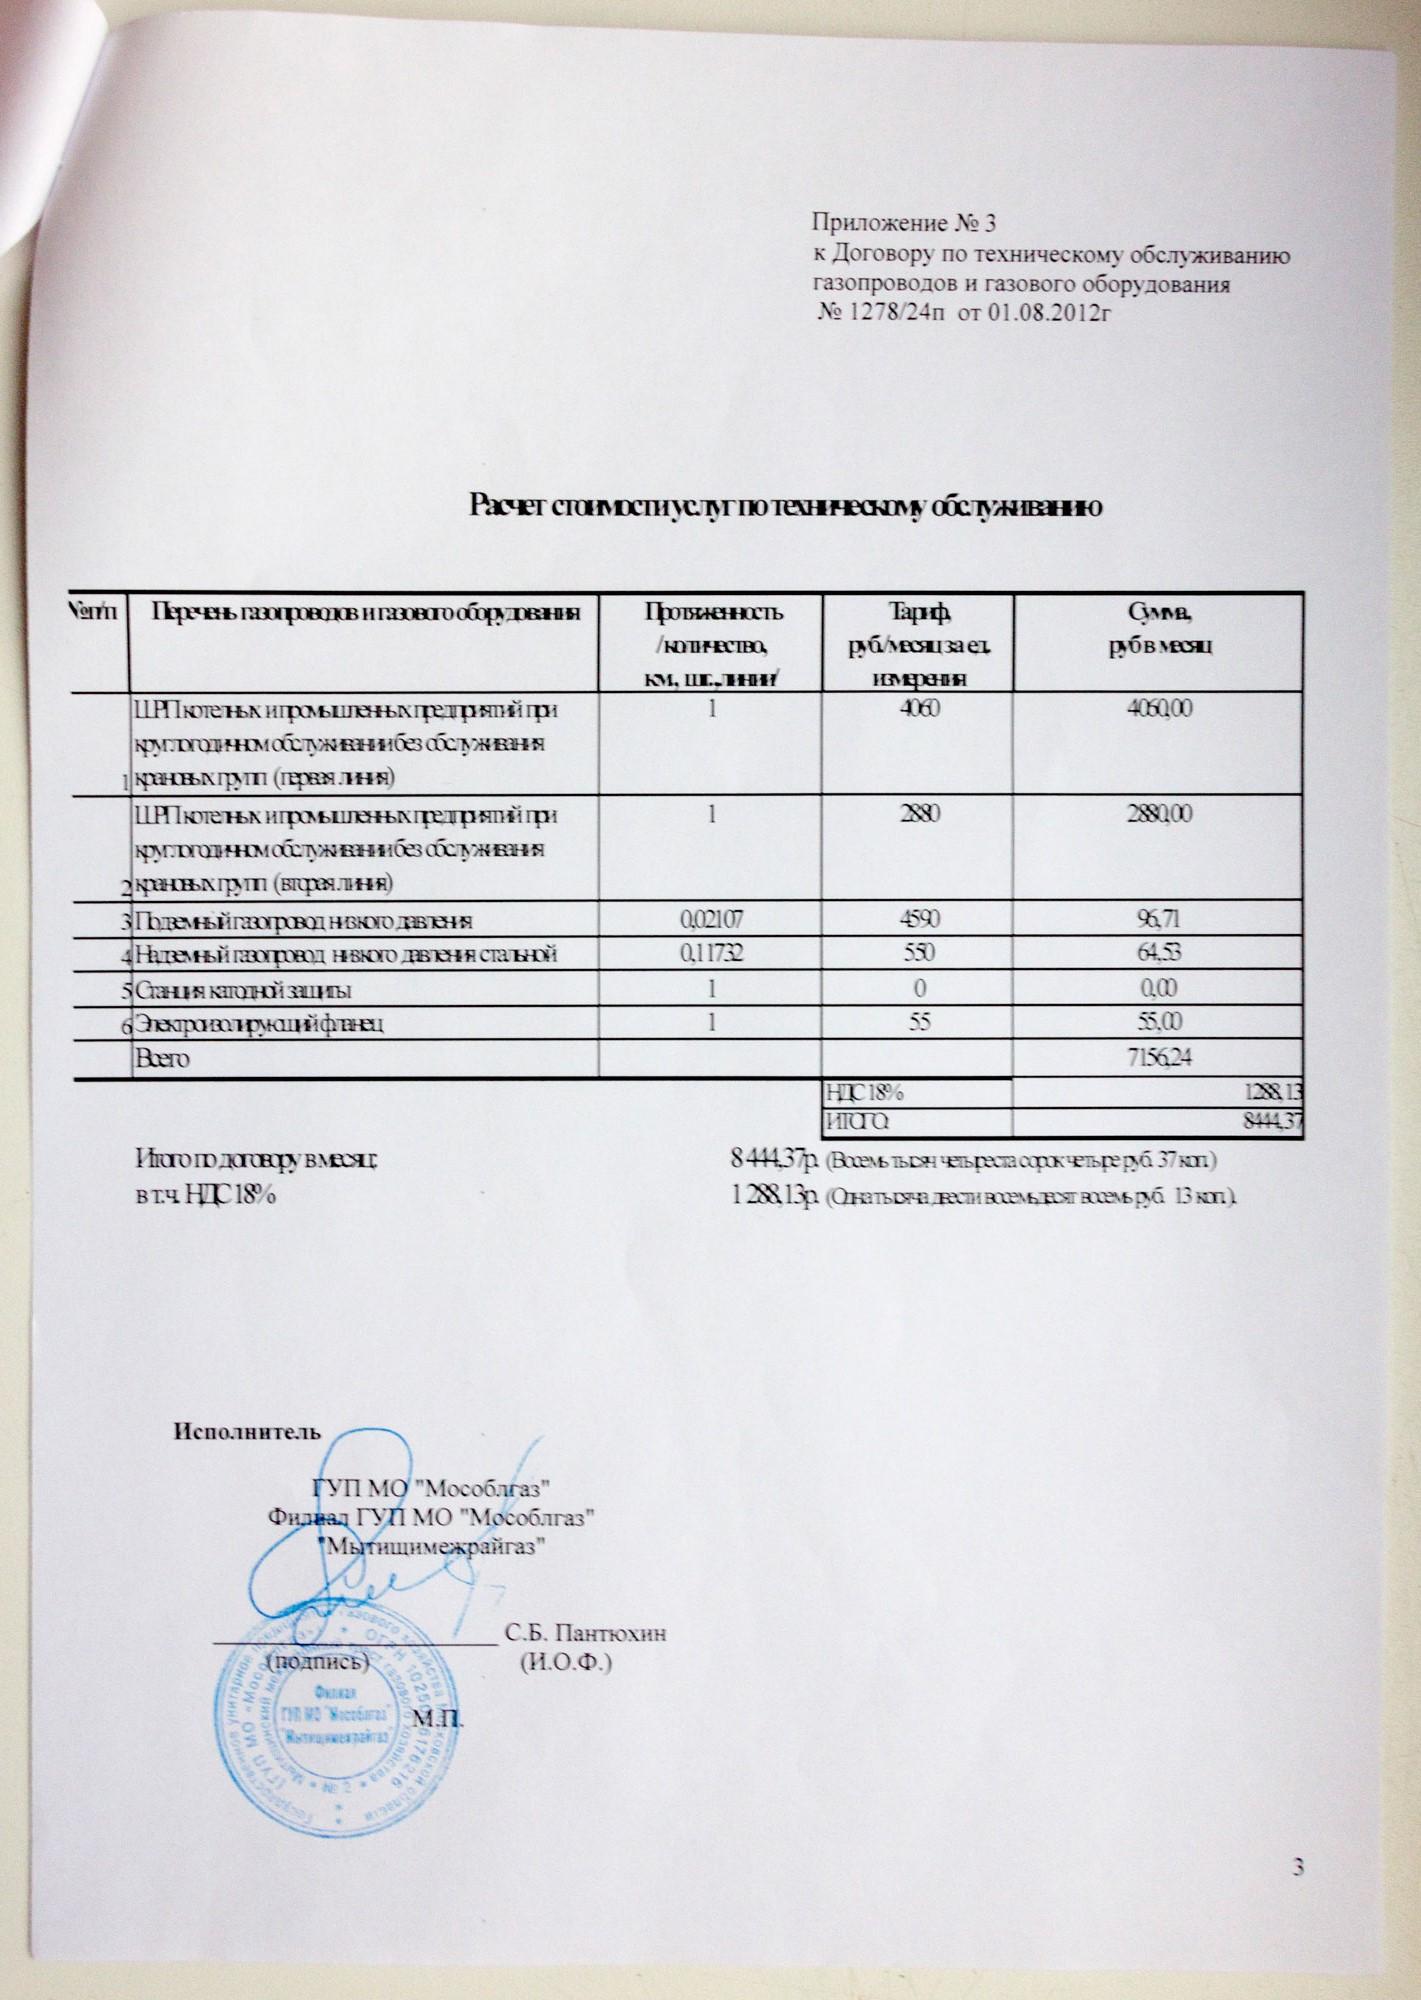 Техническое обслуживание газового оборудования в частных домах (вдго) в московской области: заключить договор, обслуживание газовых котлов, стоимость и цены ❗